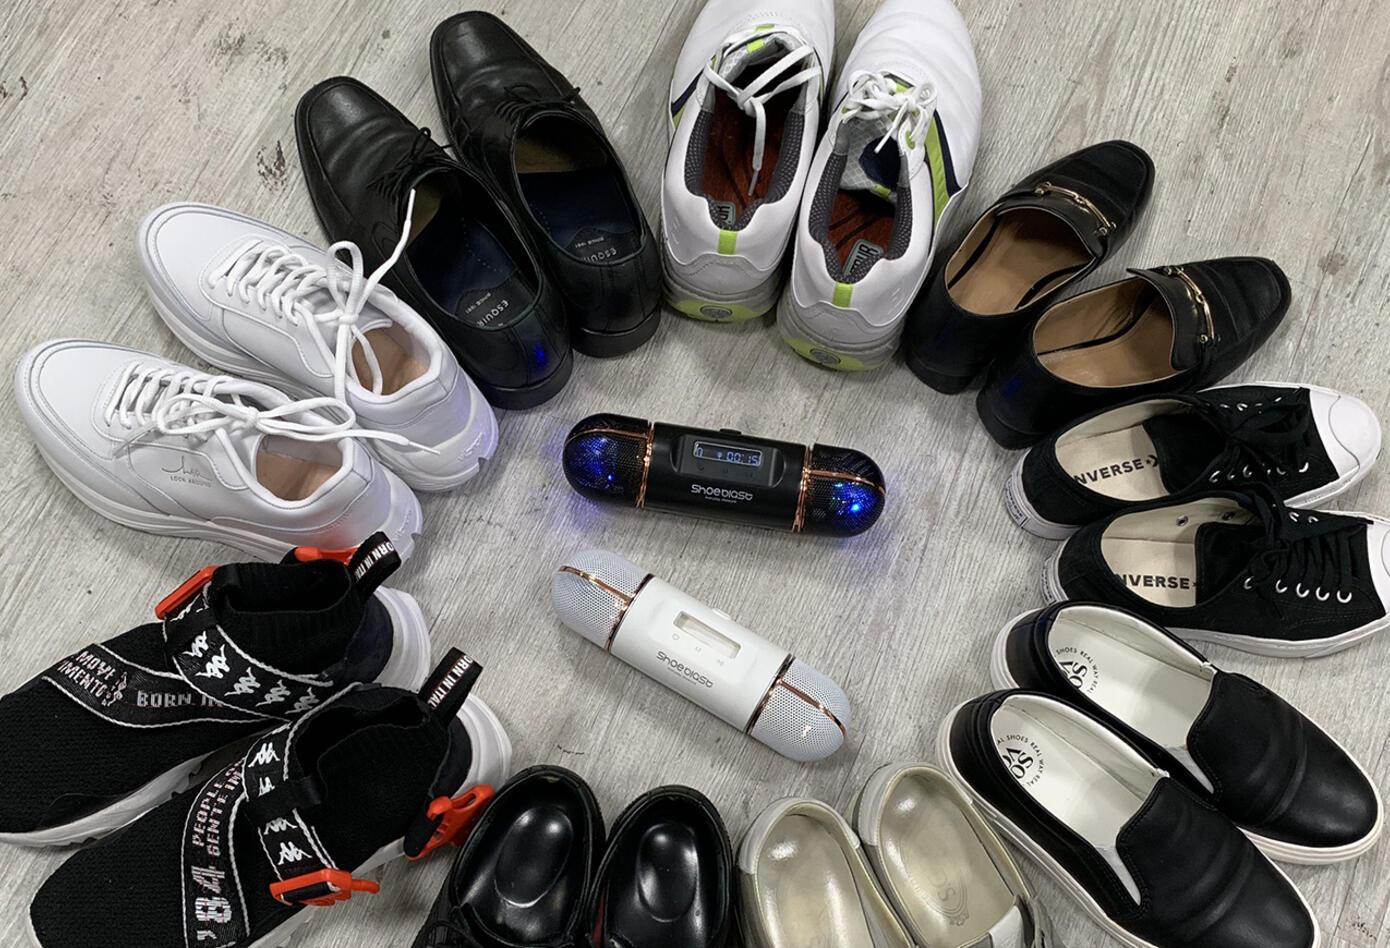 ShoeBlast elimina los malos olores en diferentes zapatos